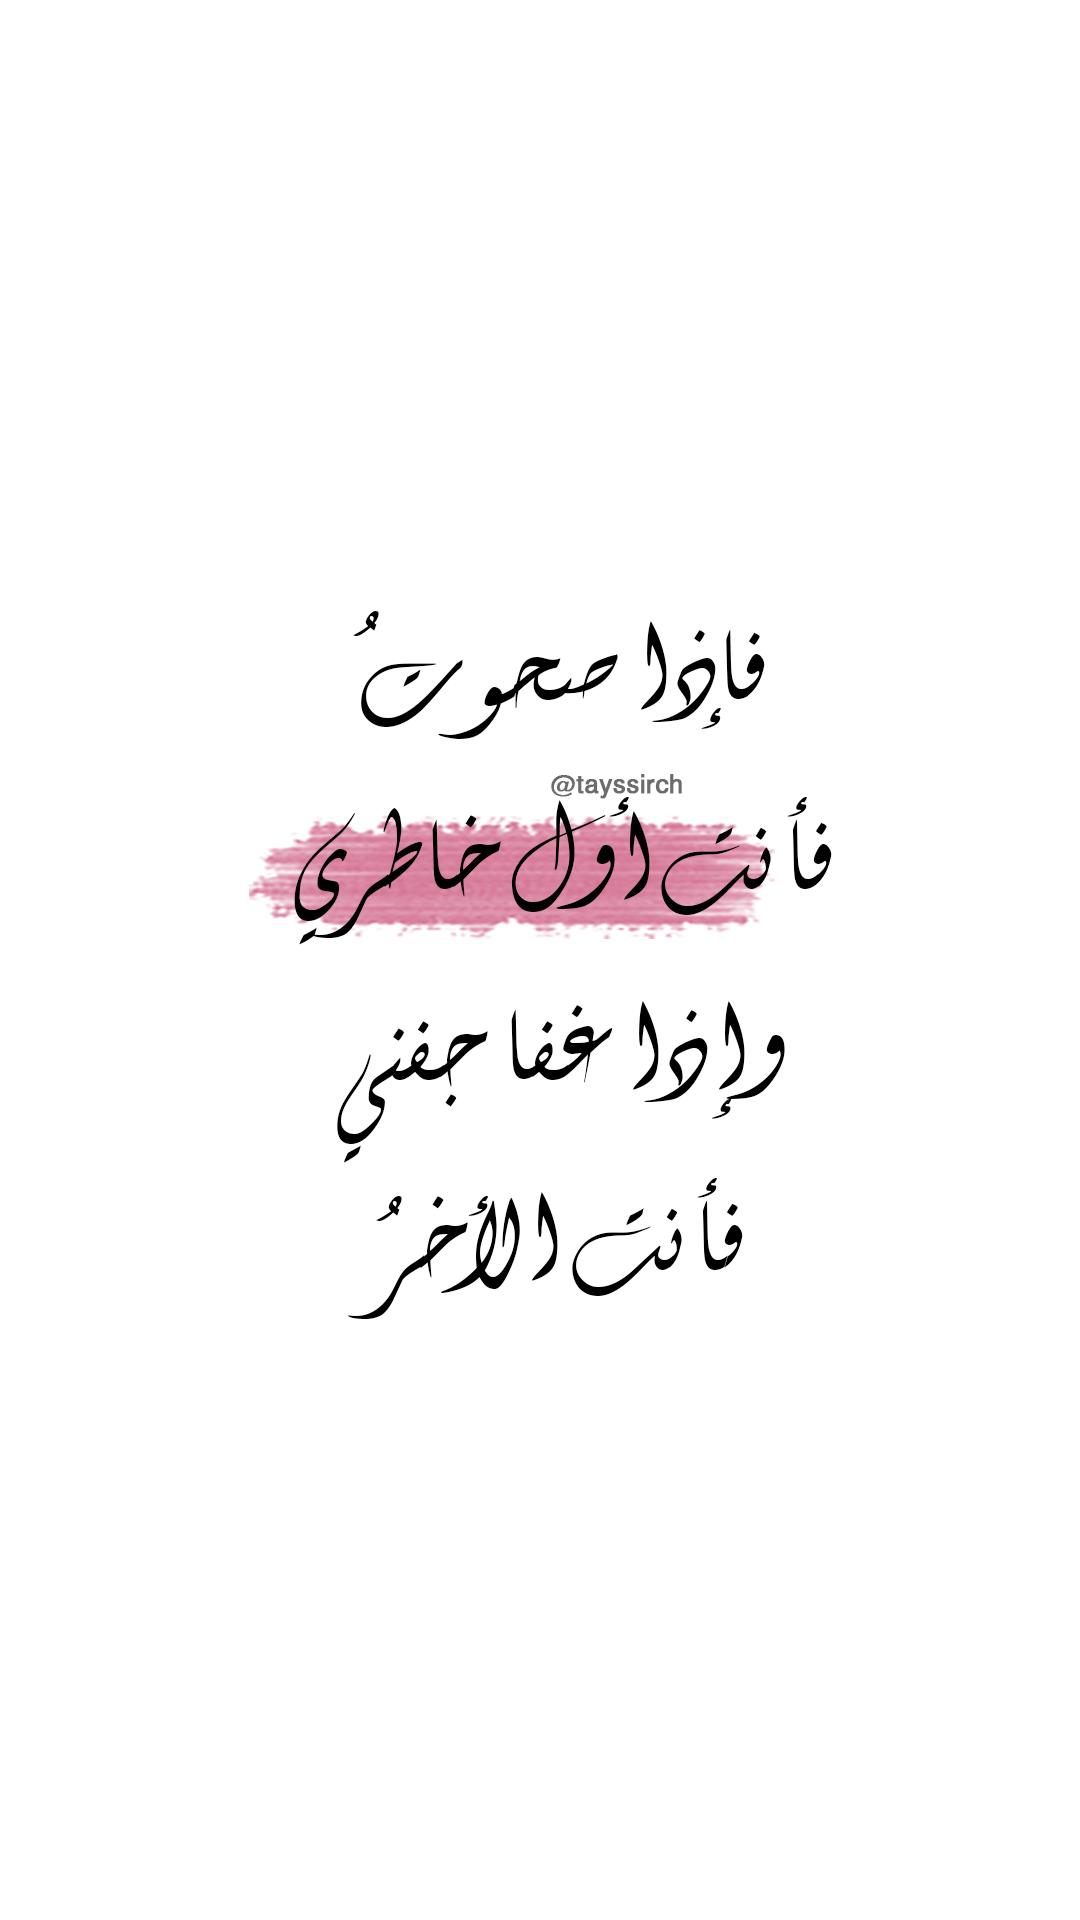 أنت أول خاطري Wise Words Quotes Arabic Love Quotes Words Quotes